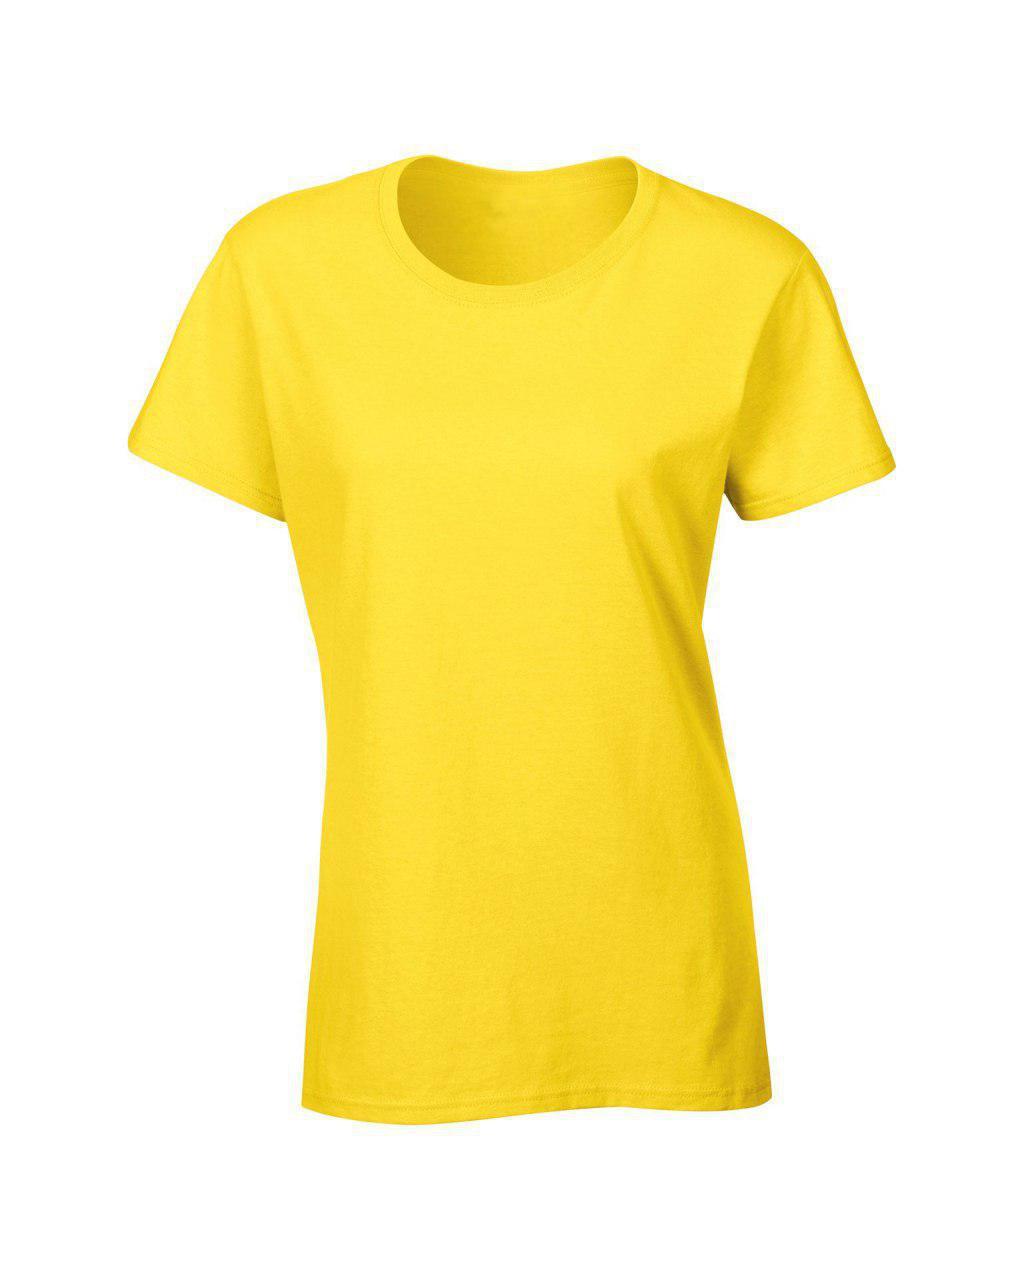 Жіноча футболка для сублімації S колір жовтий